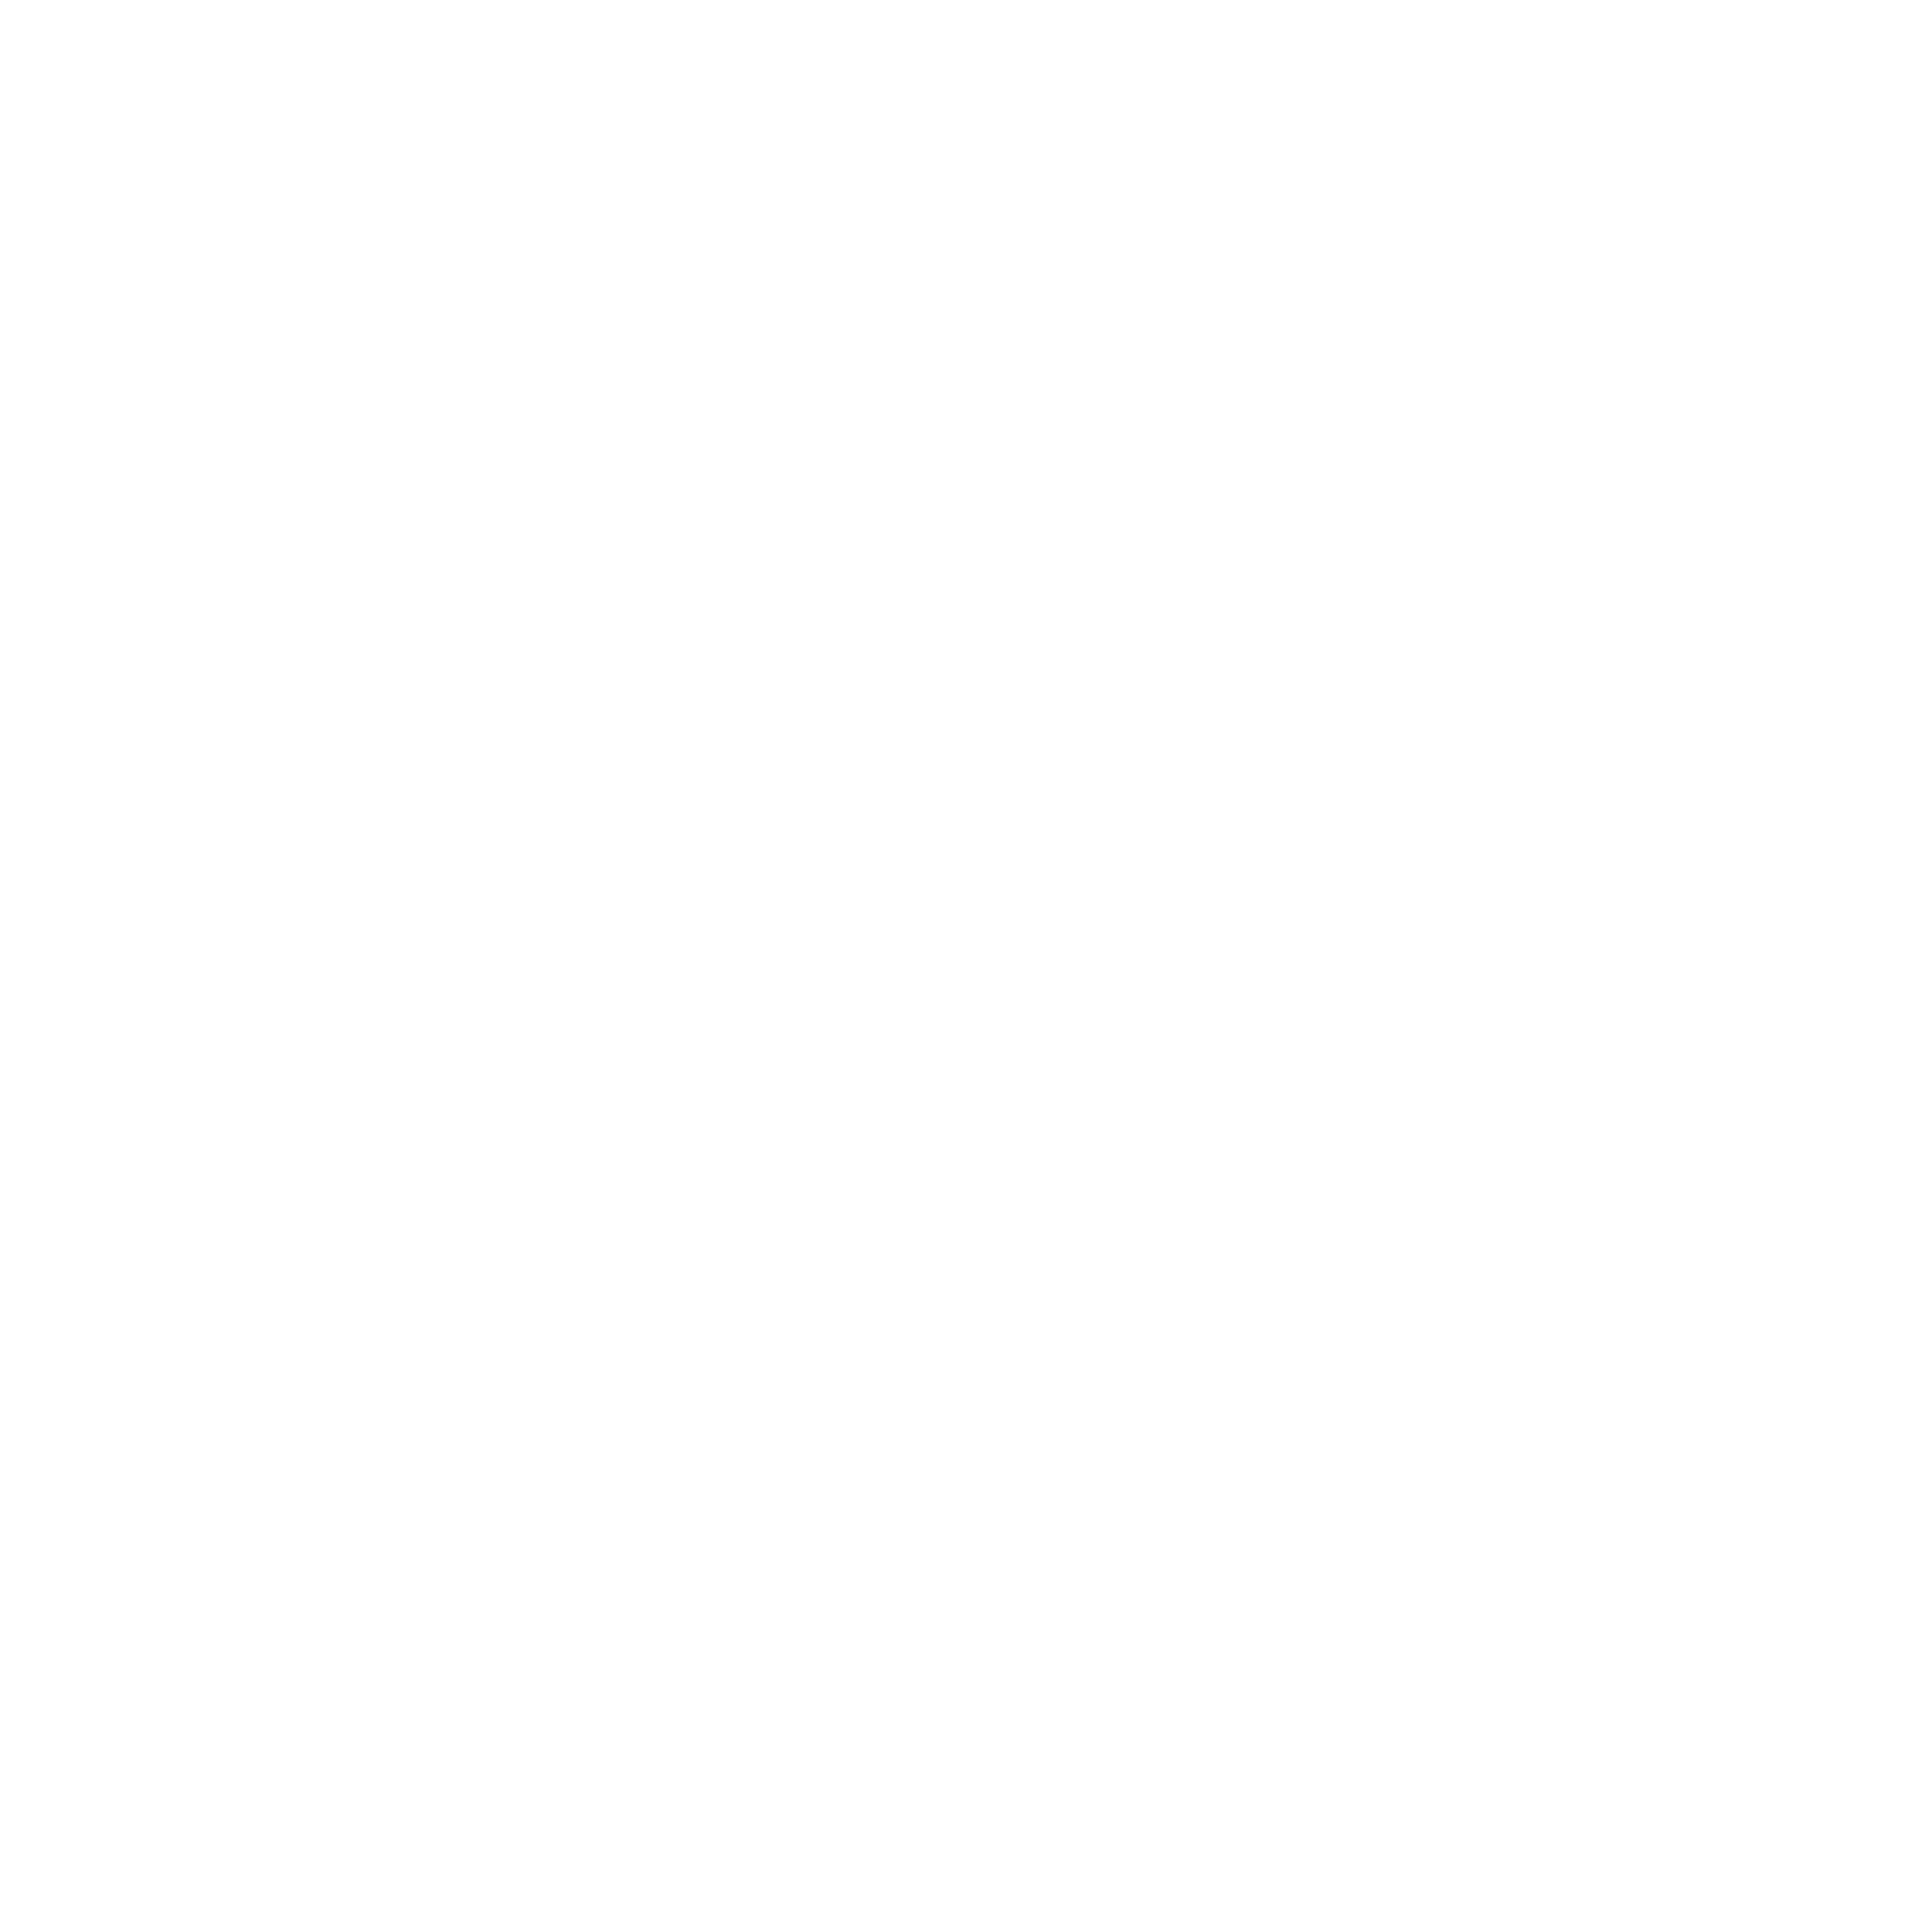 Klostergardentautra